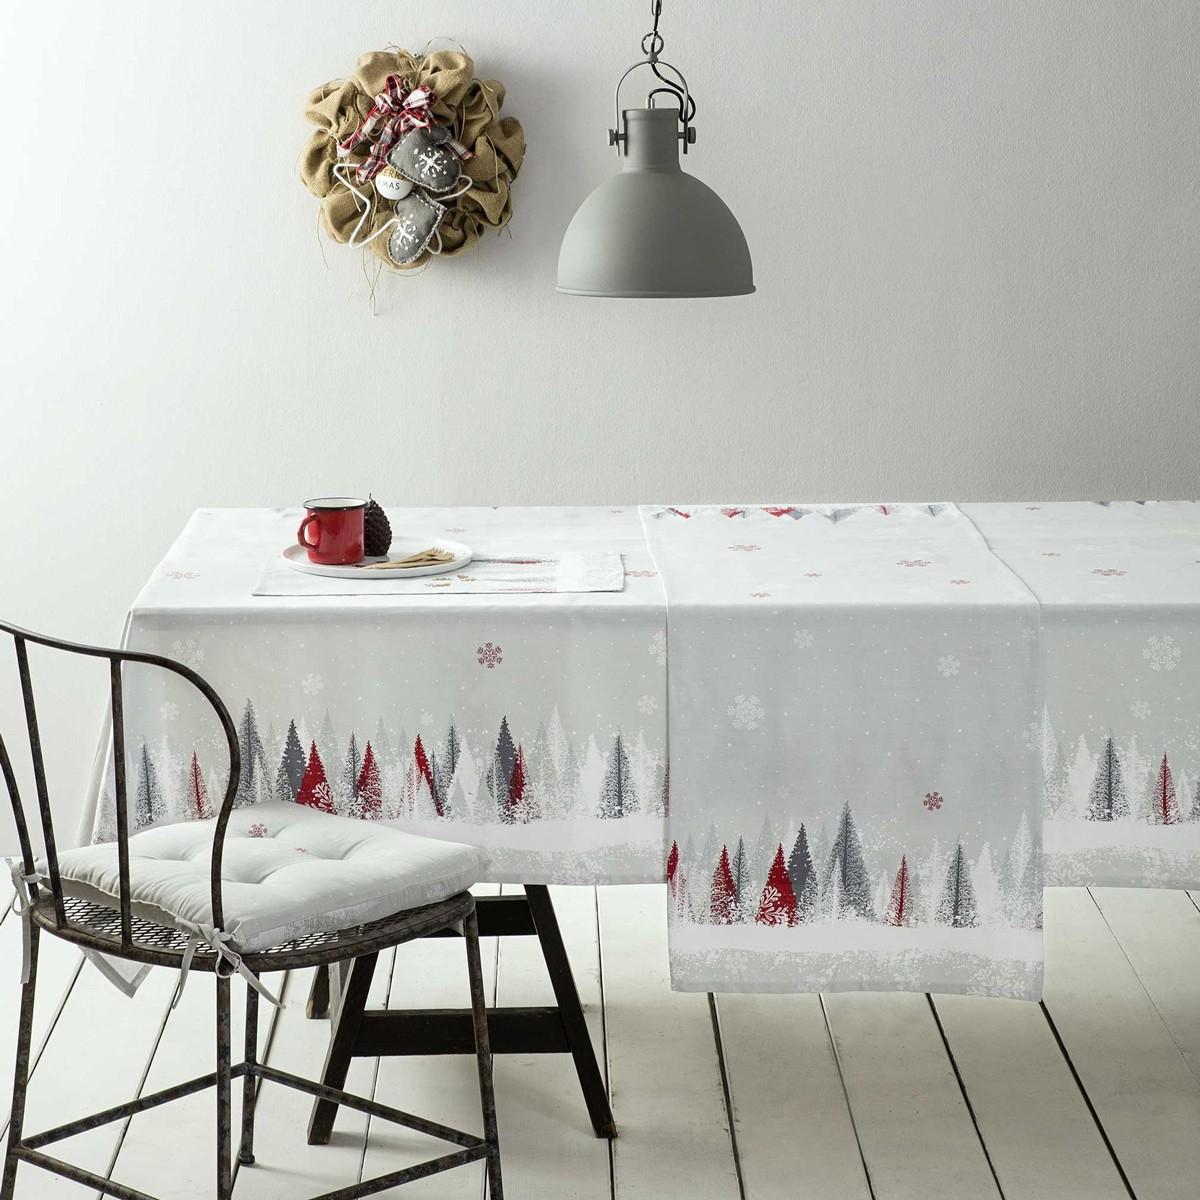 Χριστουγεννιάτικο Τραπεζομάντηλο (150×190) Nima Snowfall